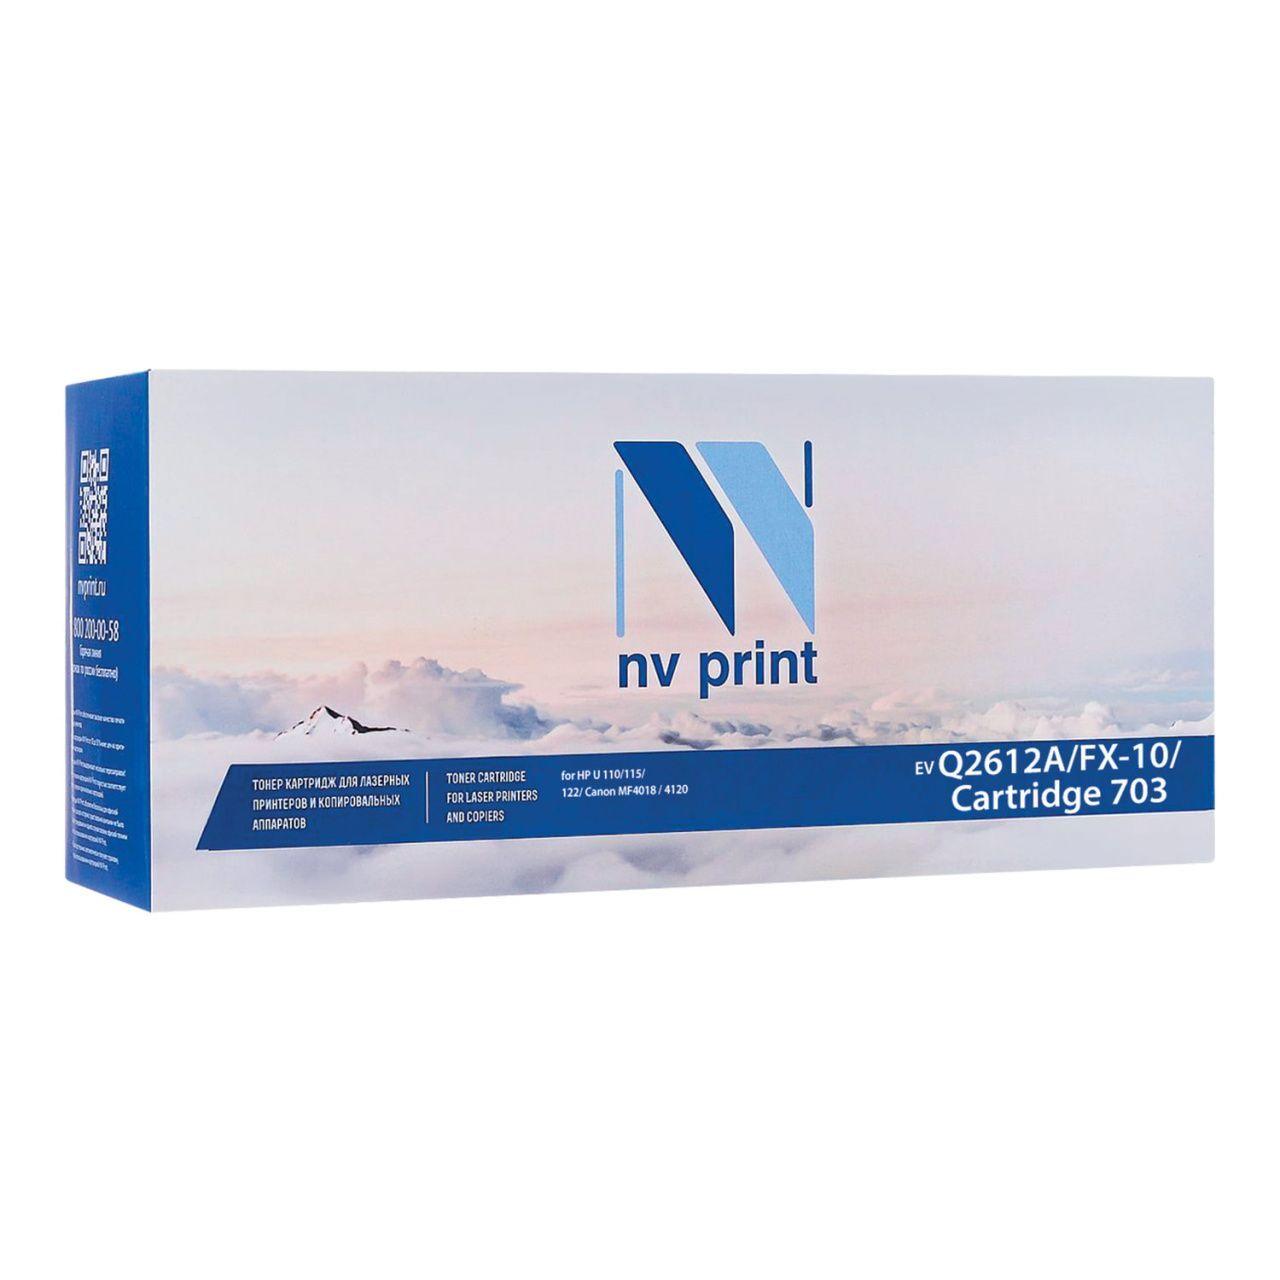 Тонер-картридж NV Print (NV-Q2612A/FX-10/703), черный, для лазерного принтера, совместимый